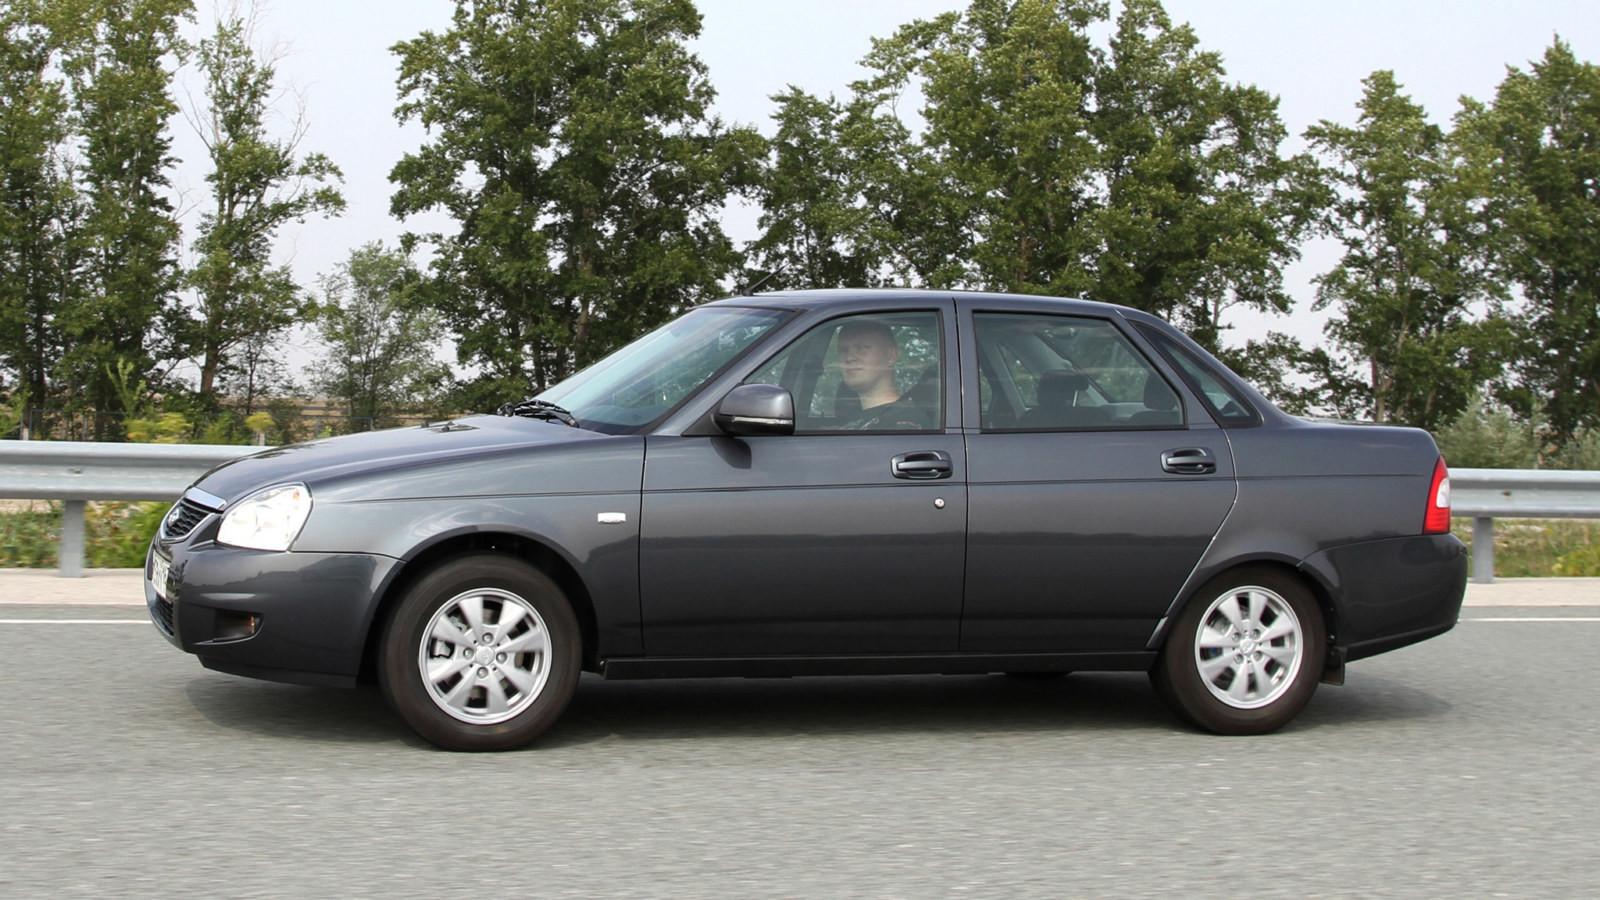 АвтоВАЗ переработал вариации lada Granta, Kalina иPriora